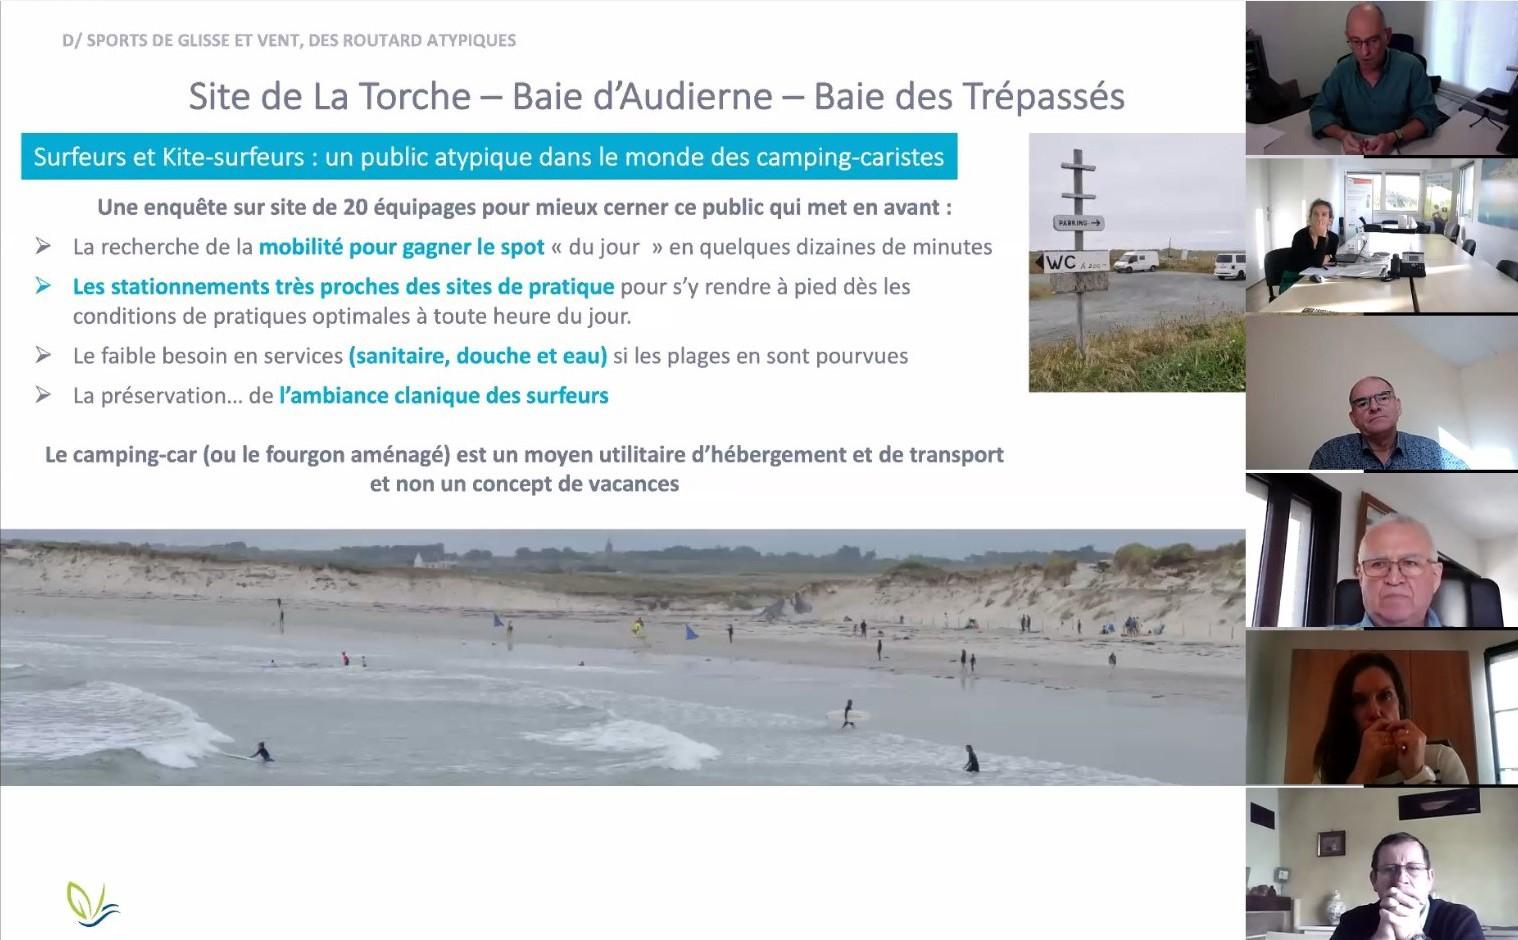 Schéma d'accueil des camping-cars en Cornouaille : Le tourisme en camping-car se réorganise en Cornouaille